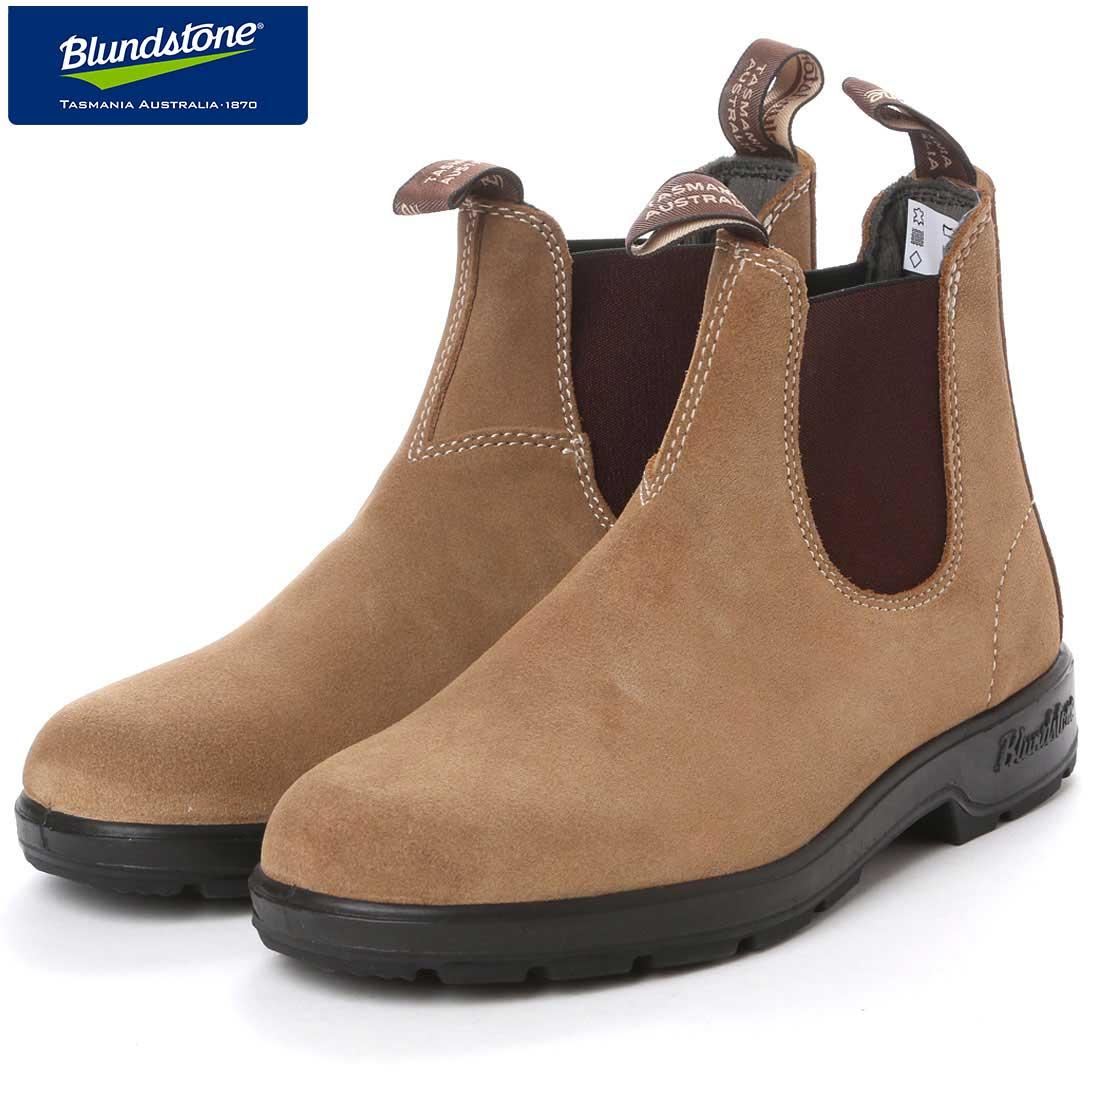 ブランドストーン Blundstone BS1456 223 (ユニセックス) サンド(スエード) 「靴」